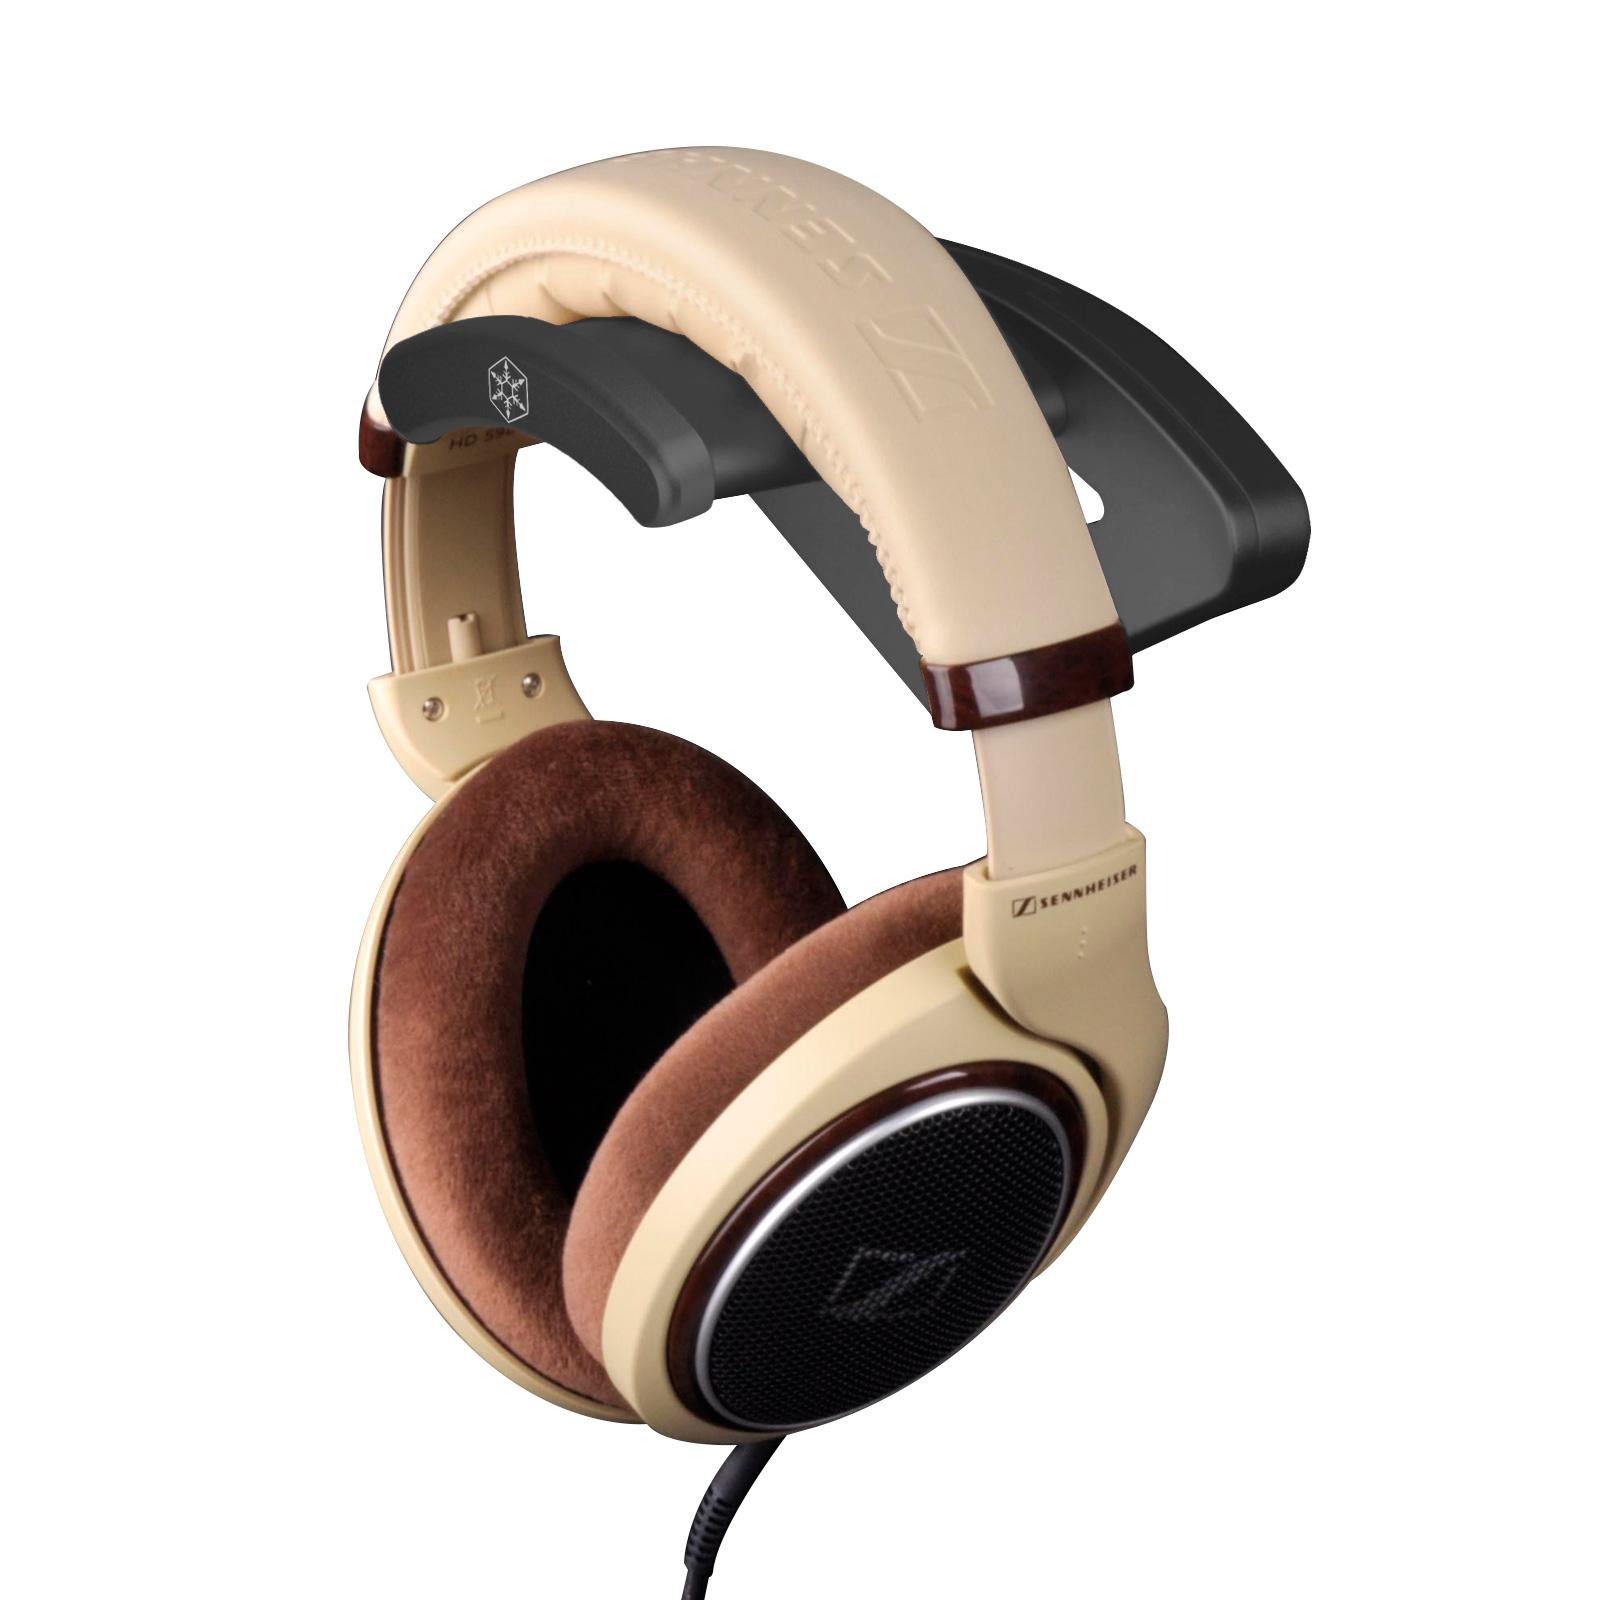 Une gamme de porte casque chez silverstone - Porte casque audio ...